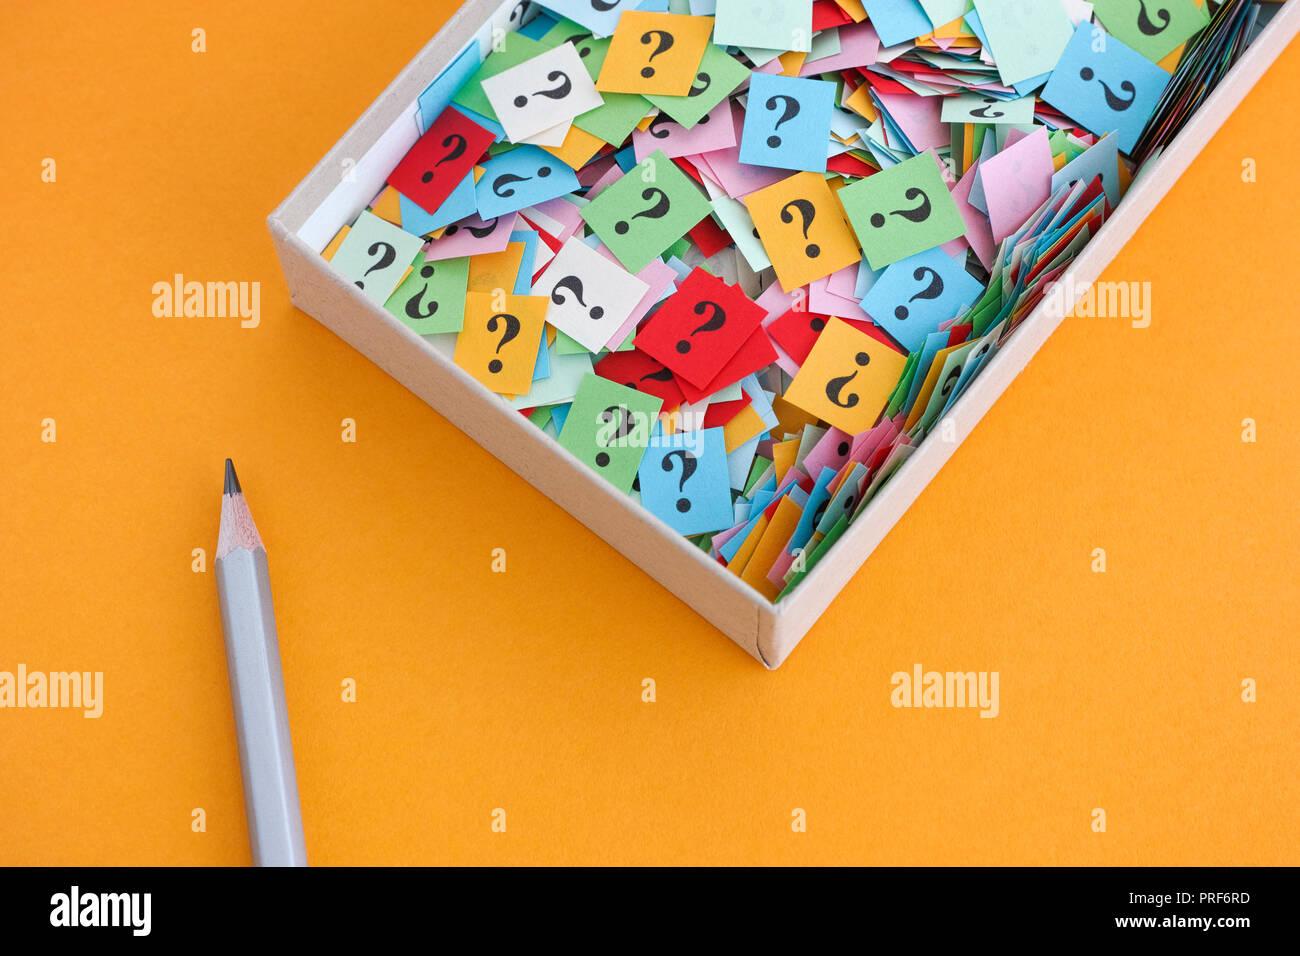 Lápiz y signos de interrogación en una caja de papel sobre fondo amarillo. Concepto imagen. Cerca. Foto de stock